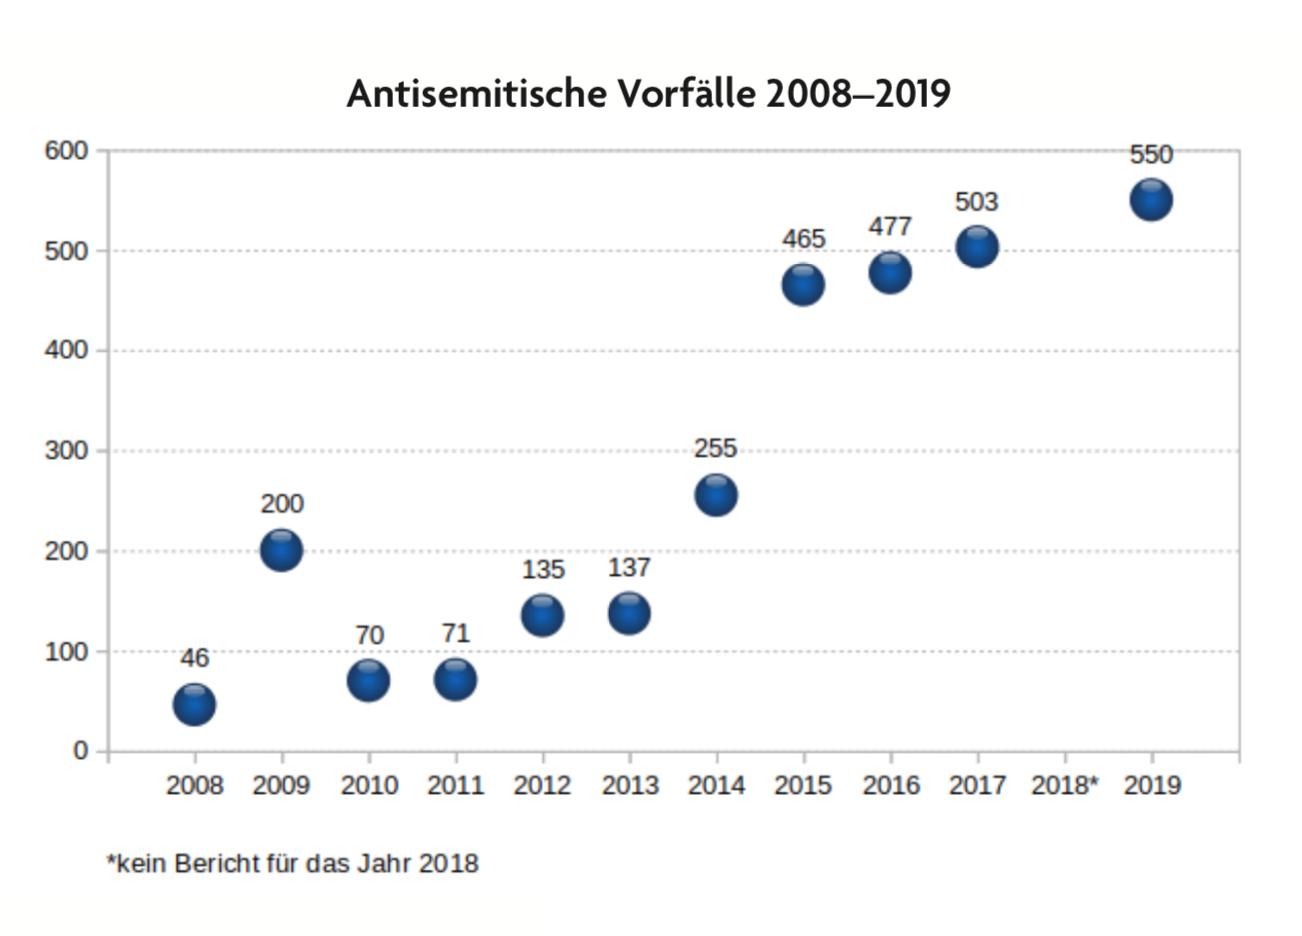 Zeitreihe antisemitische Vorfälle: 46 im Jahr 2008, 550 im Jahr 2019